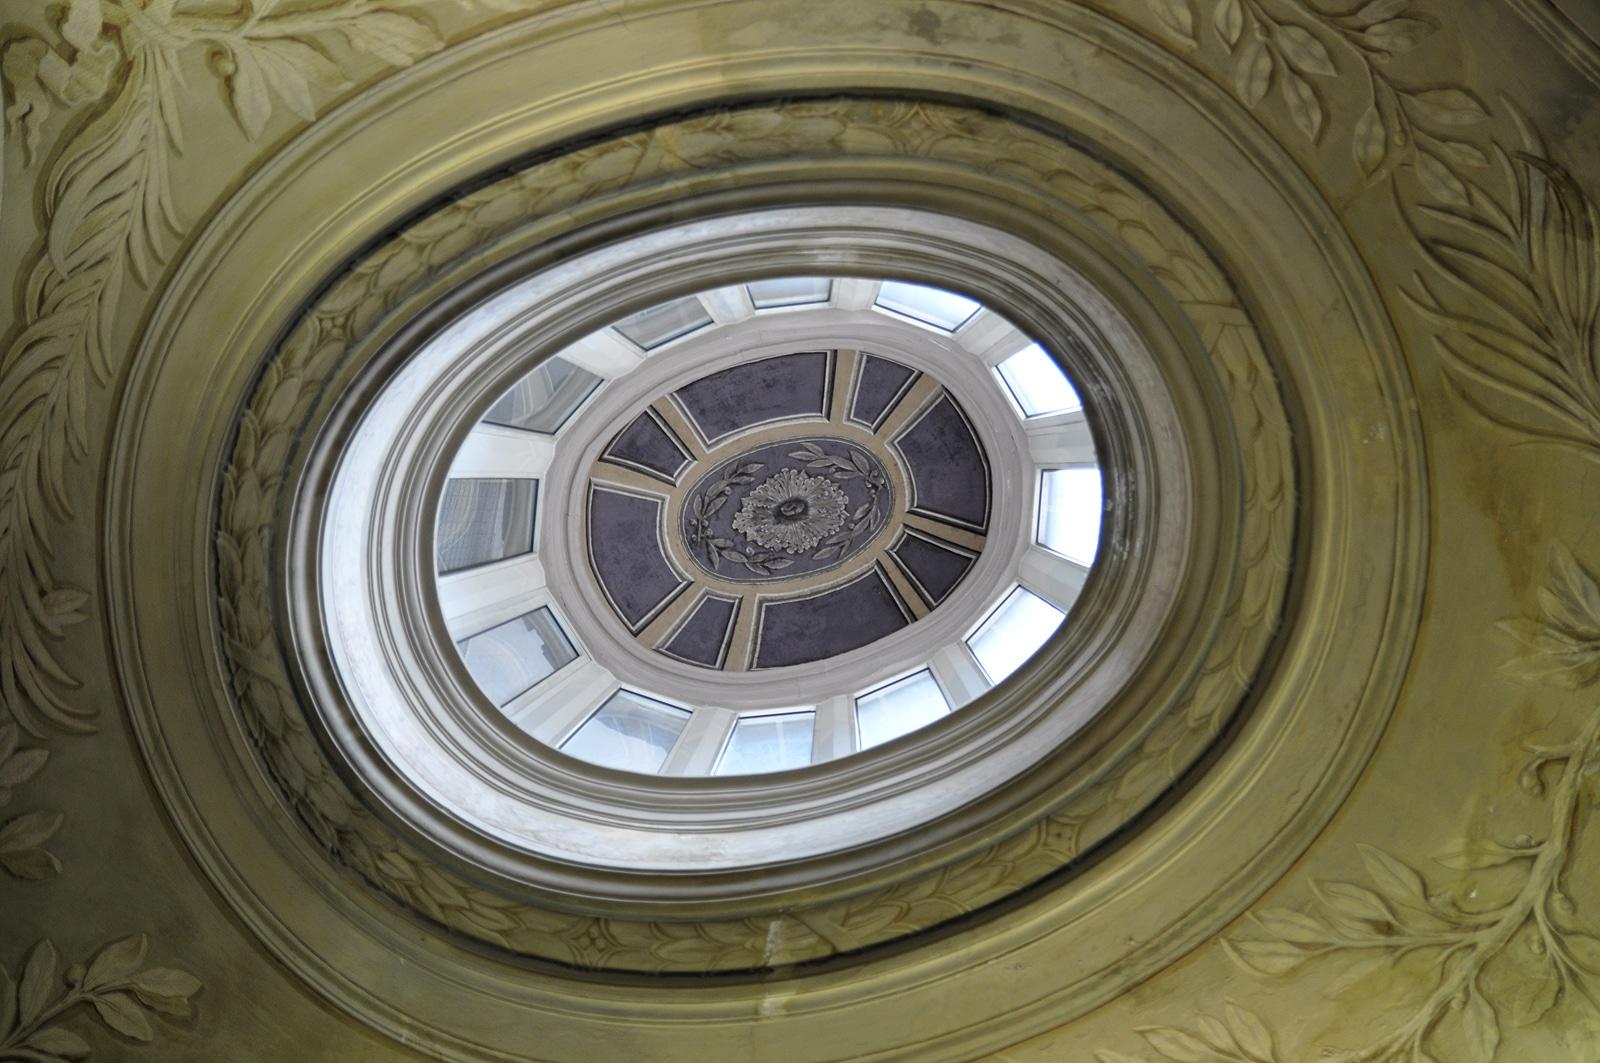 Świetlik w bazylice Świętego Piotra